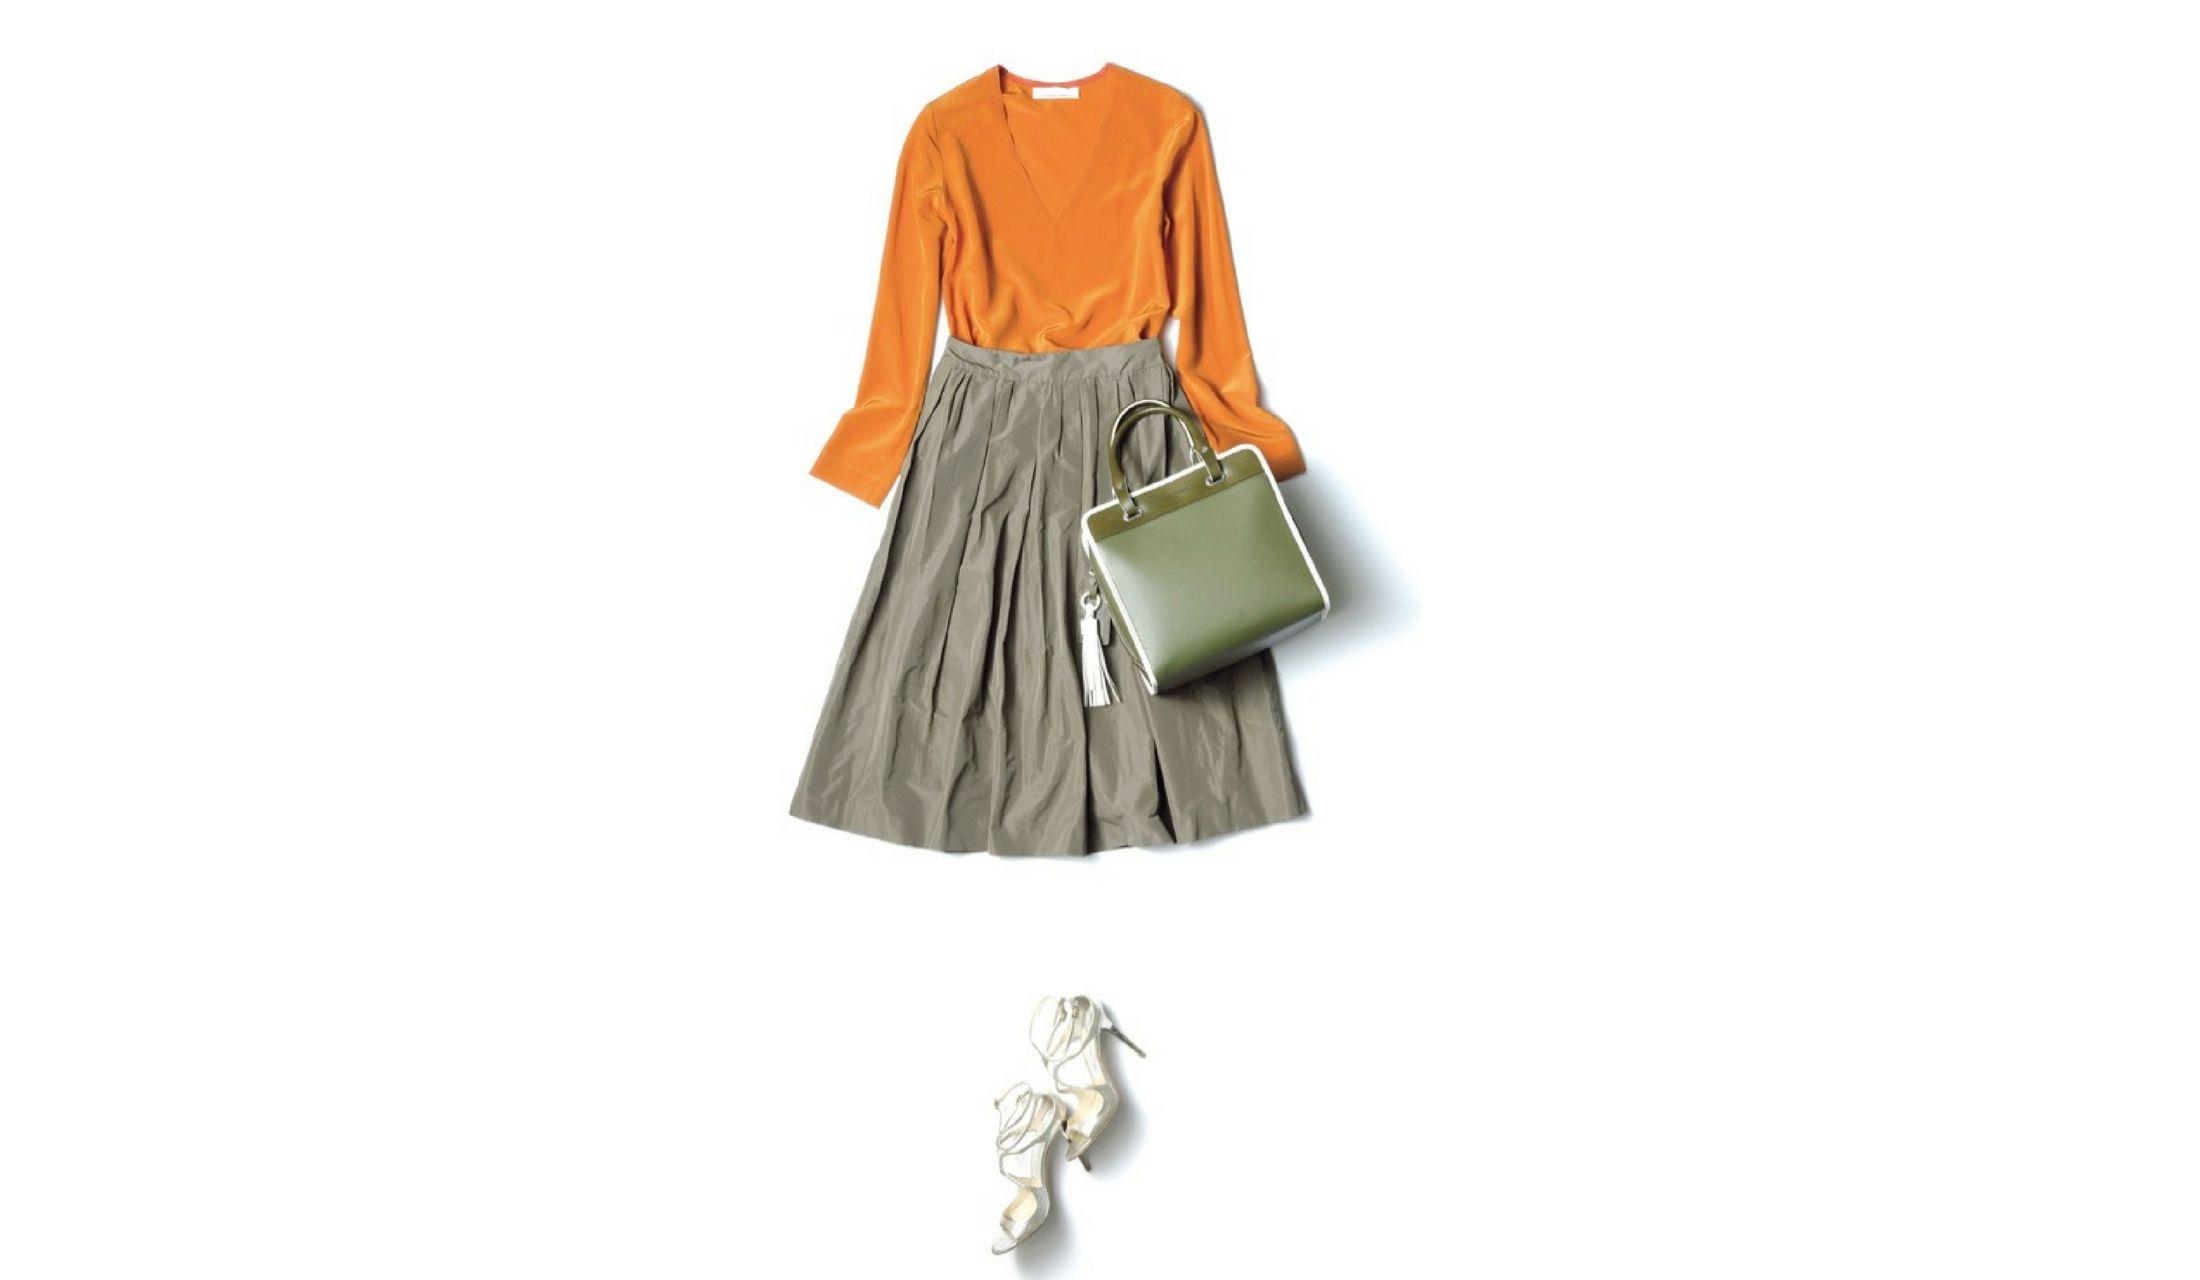 【5】カーキフレアスカート×オレンジブラウス